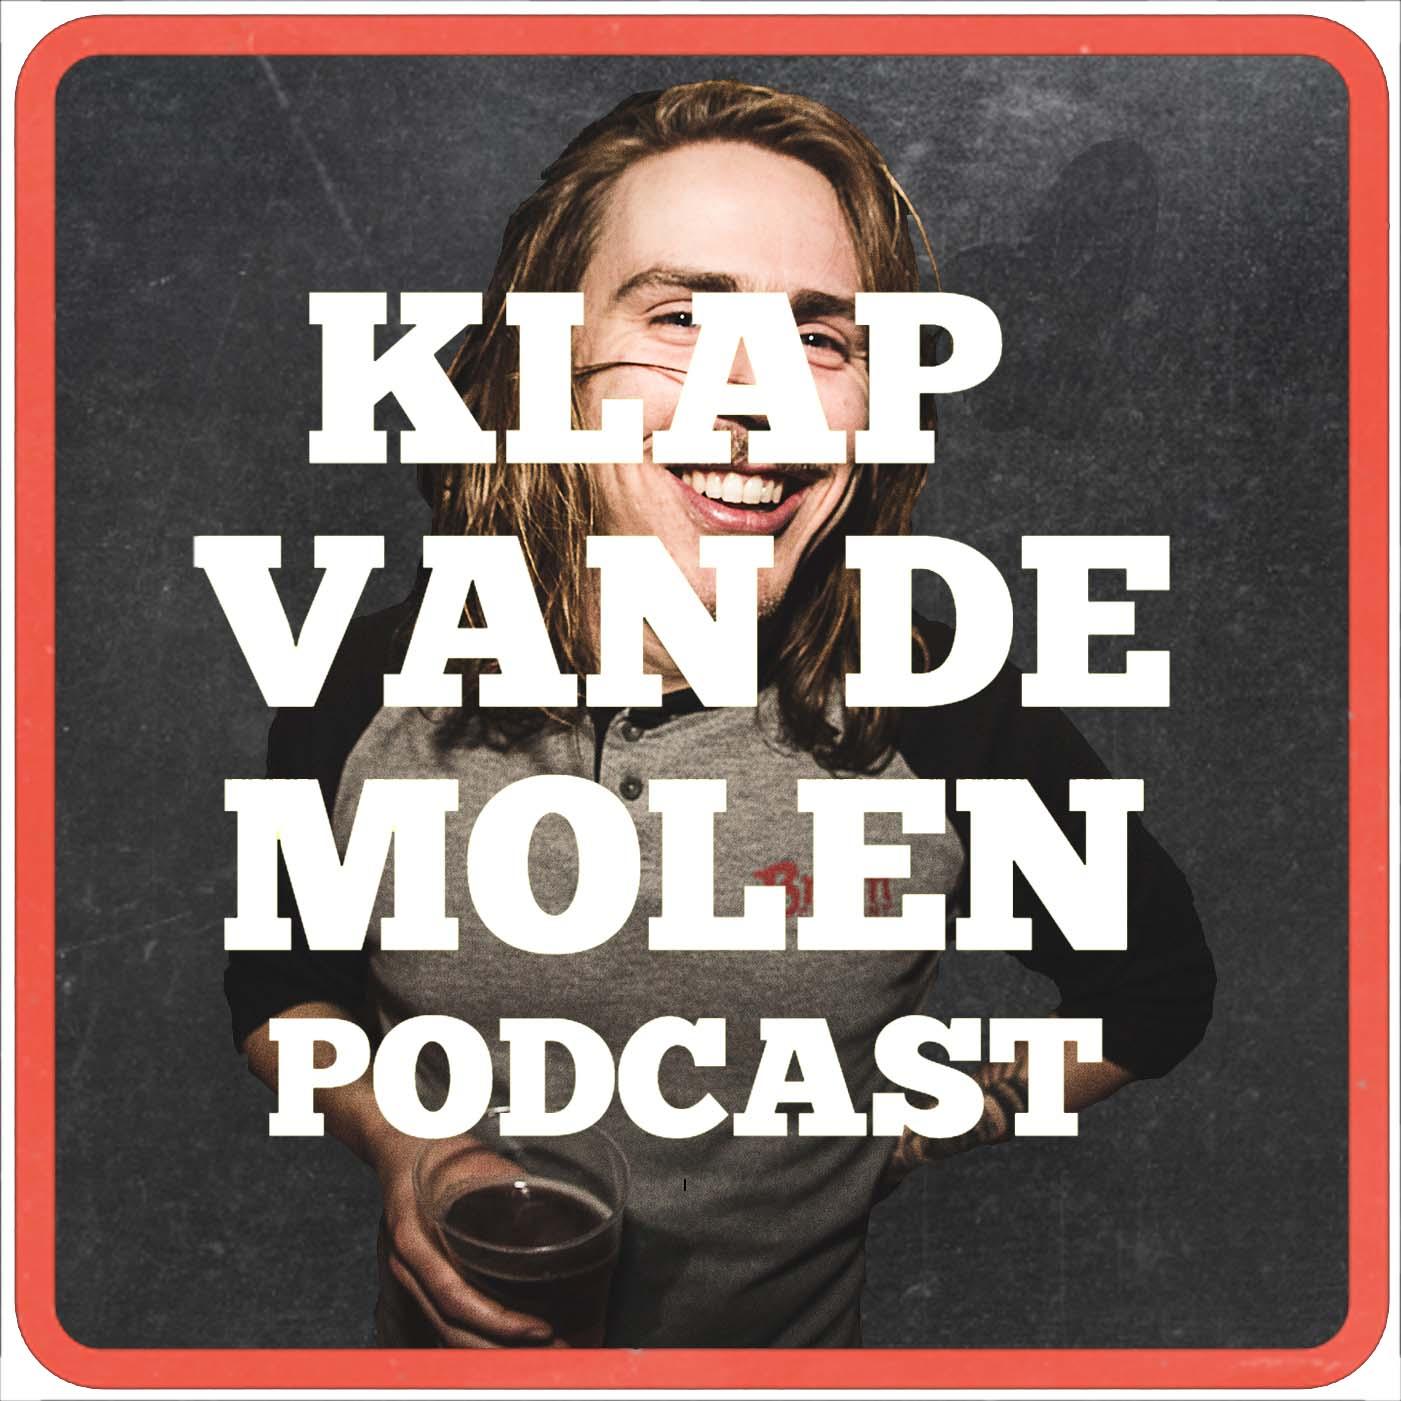 Klap van de Molen podcast - Een twee-wekelijkse podcast over muziek, met gasten van wie ik vind dat ze iets heel goed doen óp het podium, of juist daarachter.*Onderdeel van Dag & Nacht media** Winnaar 'Beste Muziekpodcast award 2018'